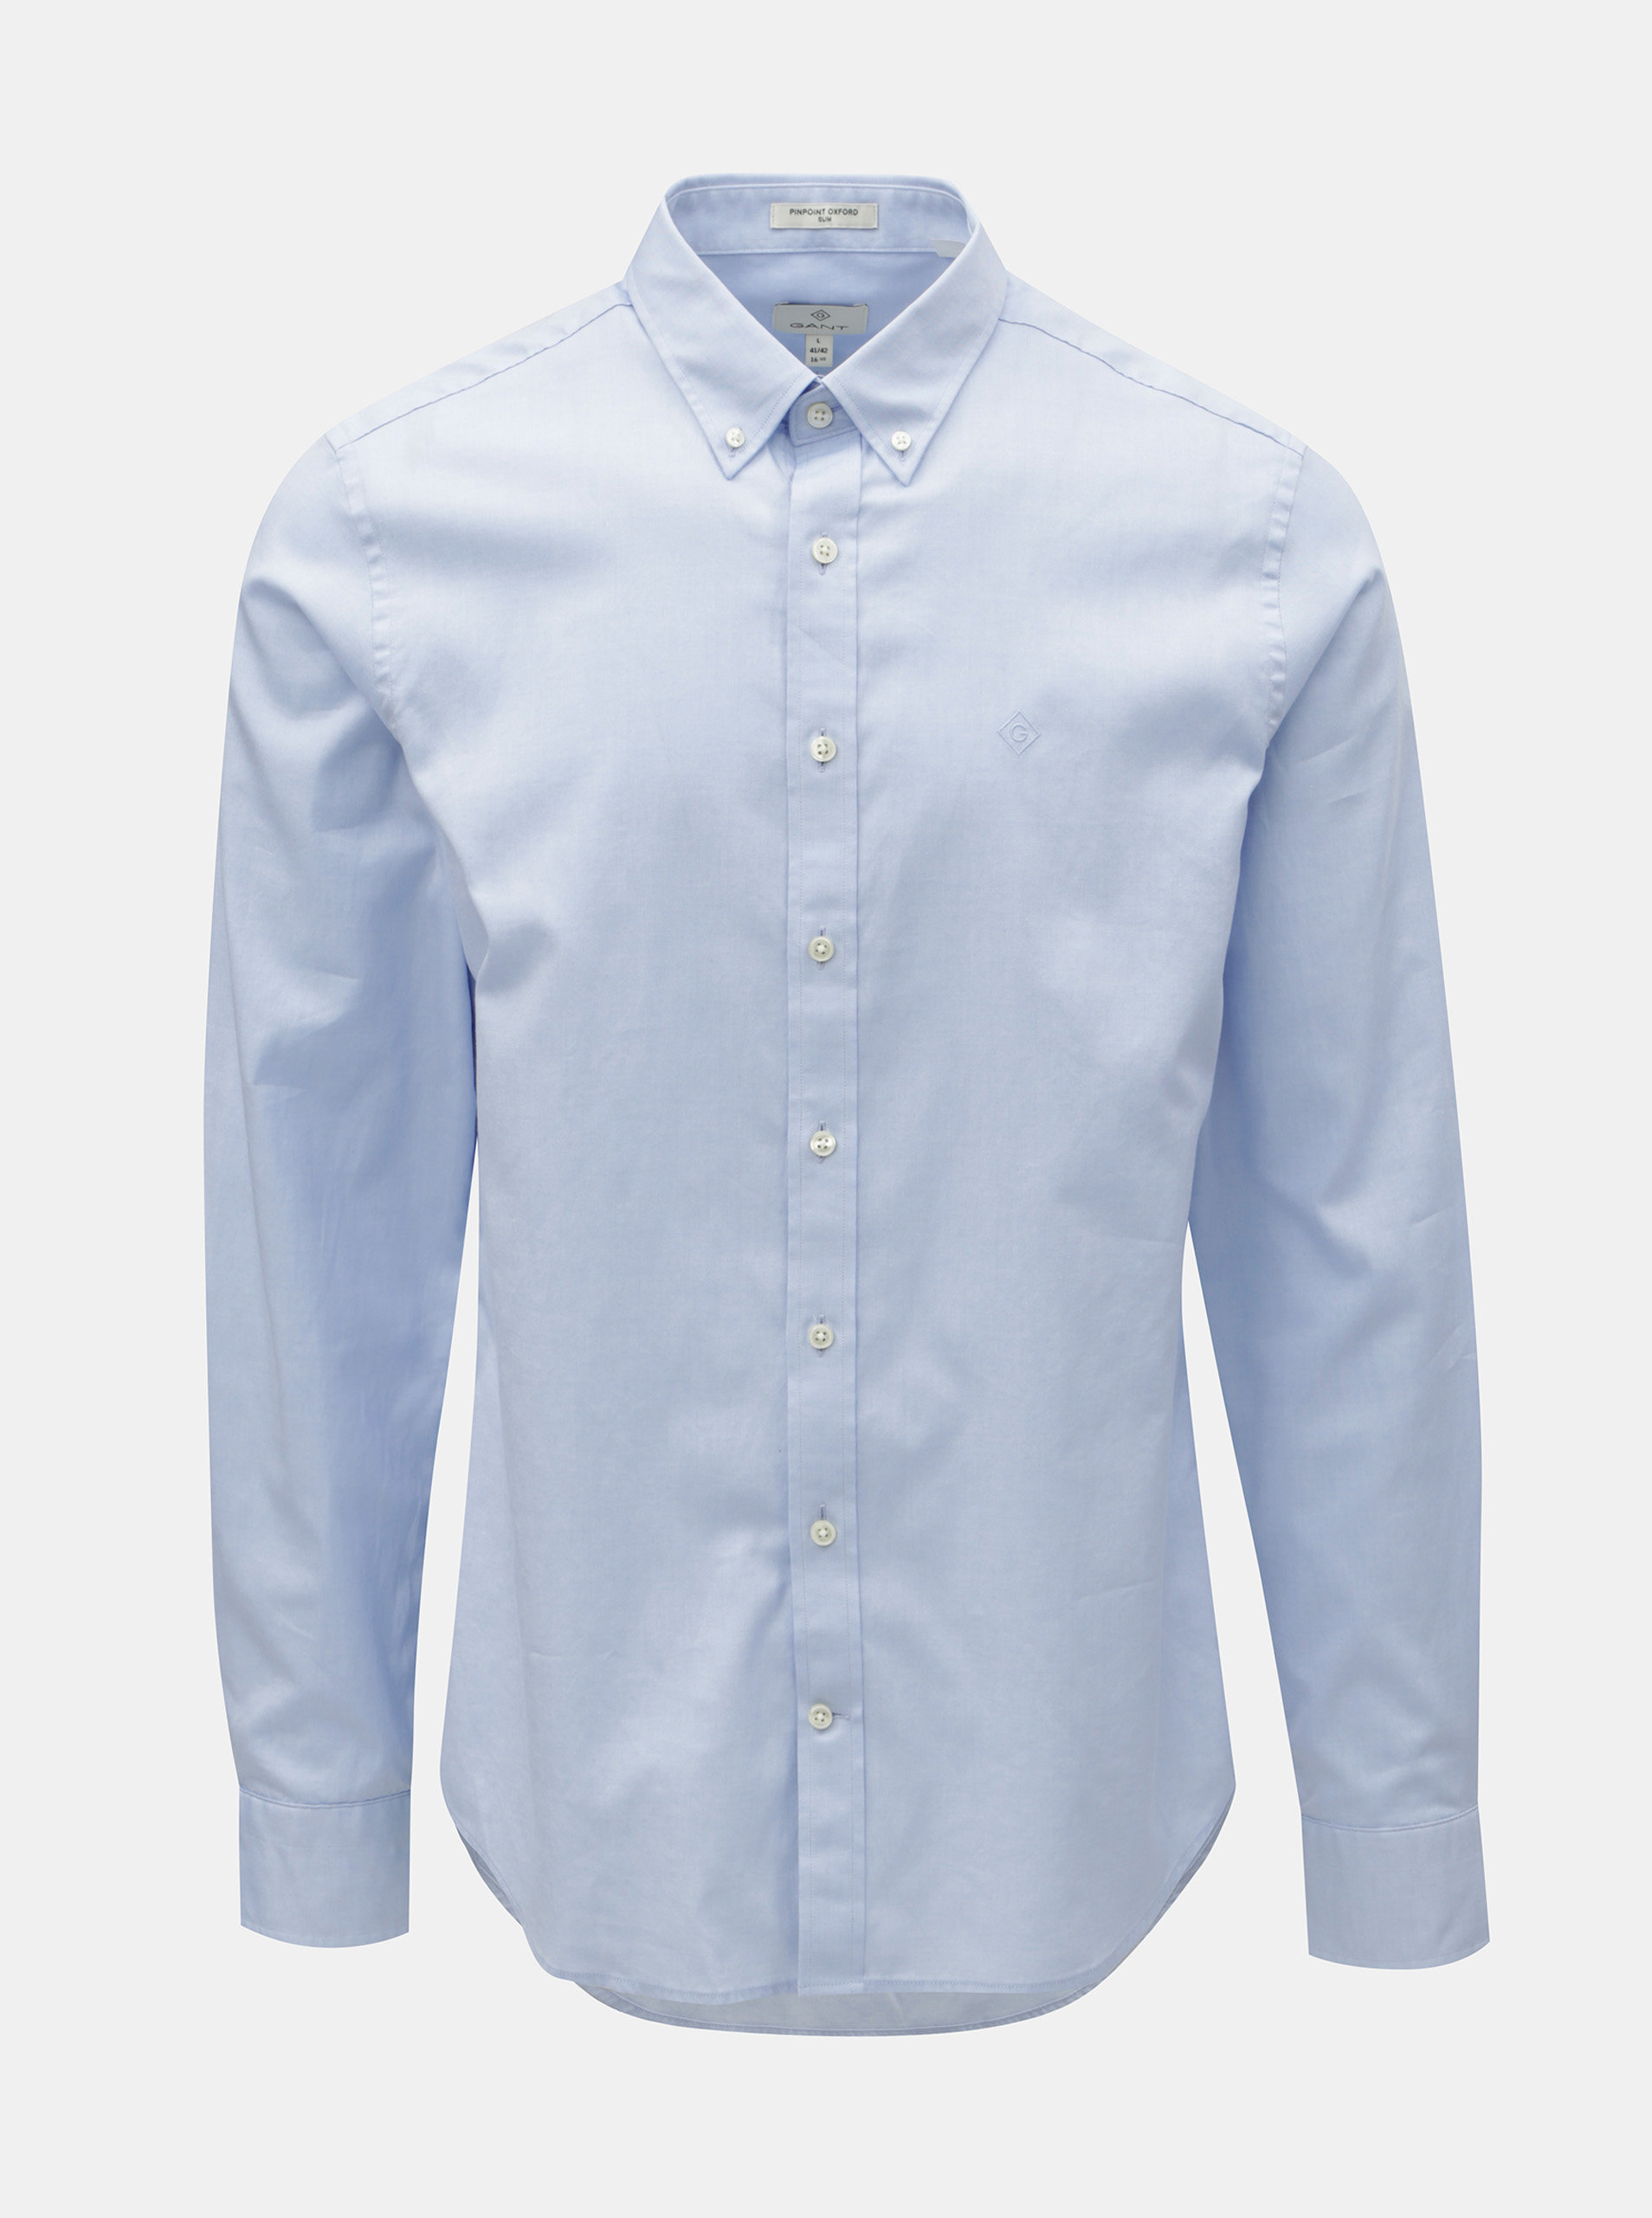 f6c5126b5efa Svetlomodrá pánska formálna slim fit košeľa GANT ...